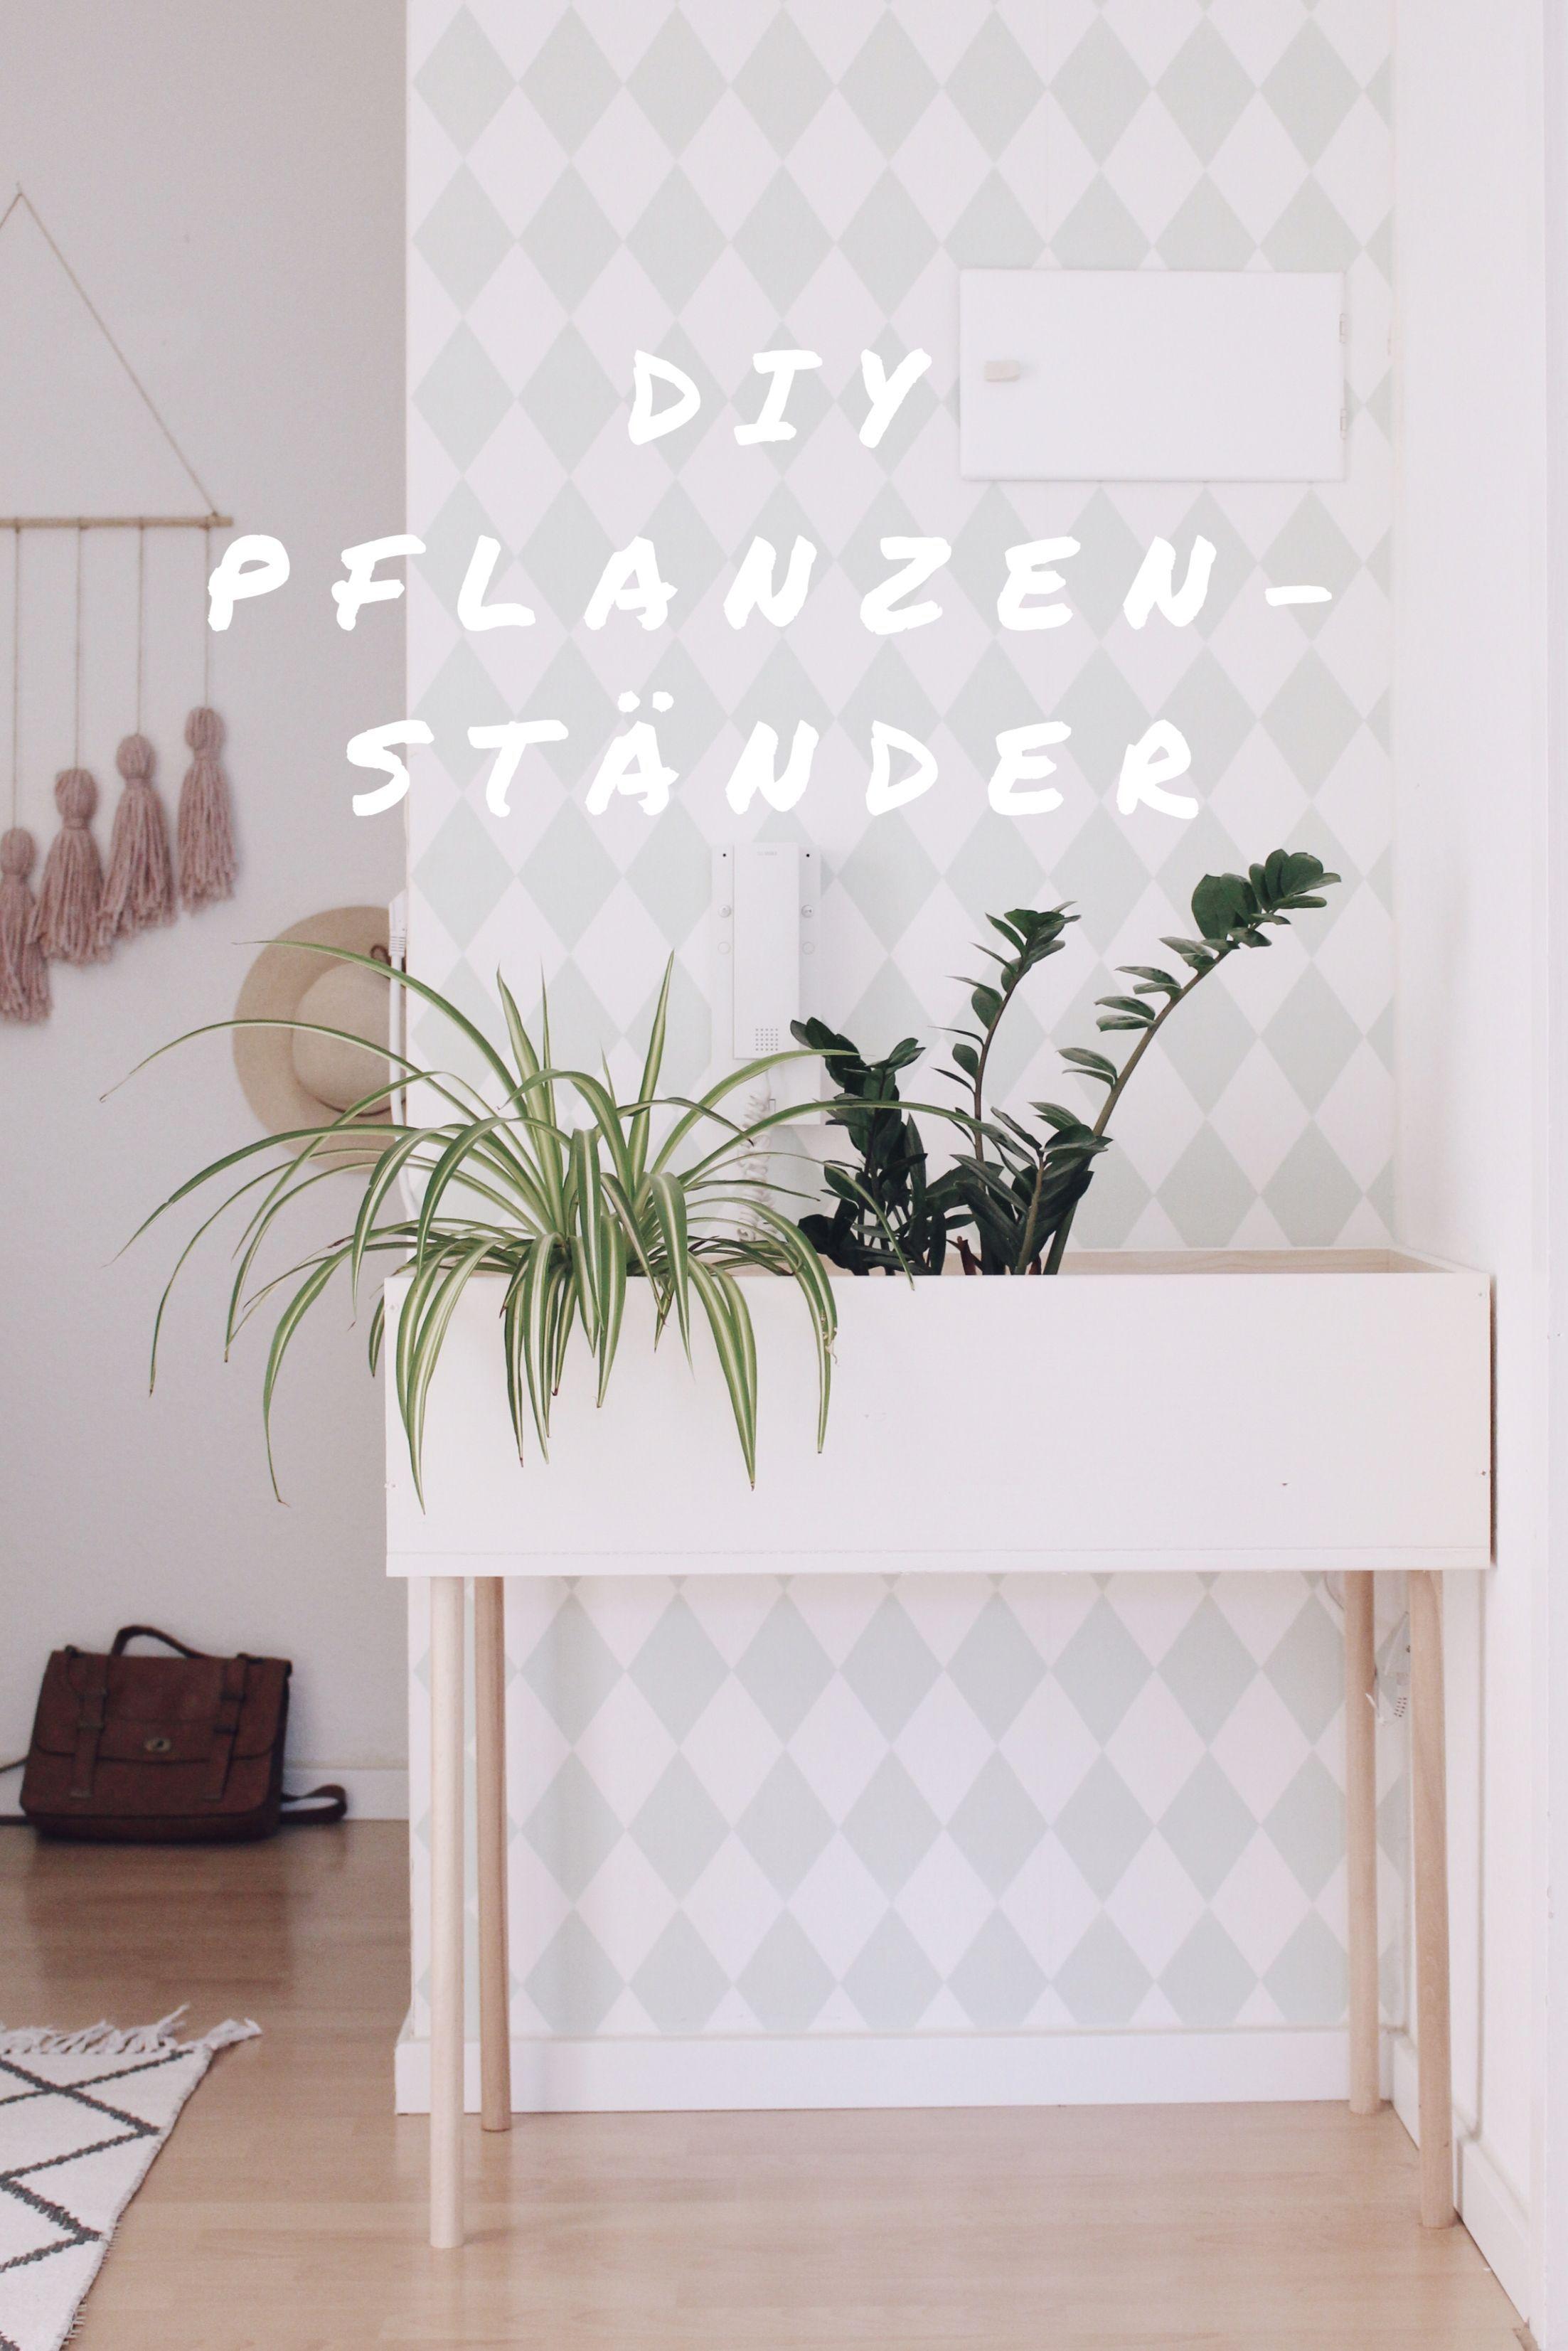 Diy Pflanzenständer Selber Machen Boho And Nordic Diy Interior Blog Diy Dekoration Diy Blumenständer Pflanzenständer Holz